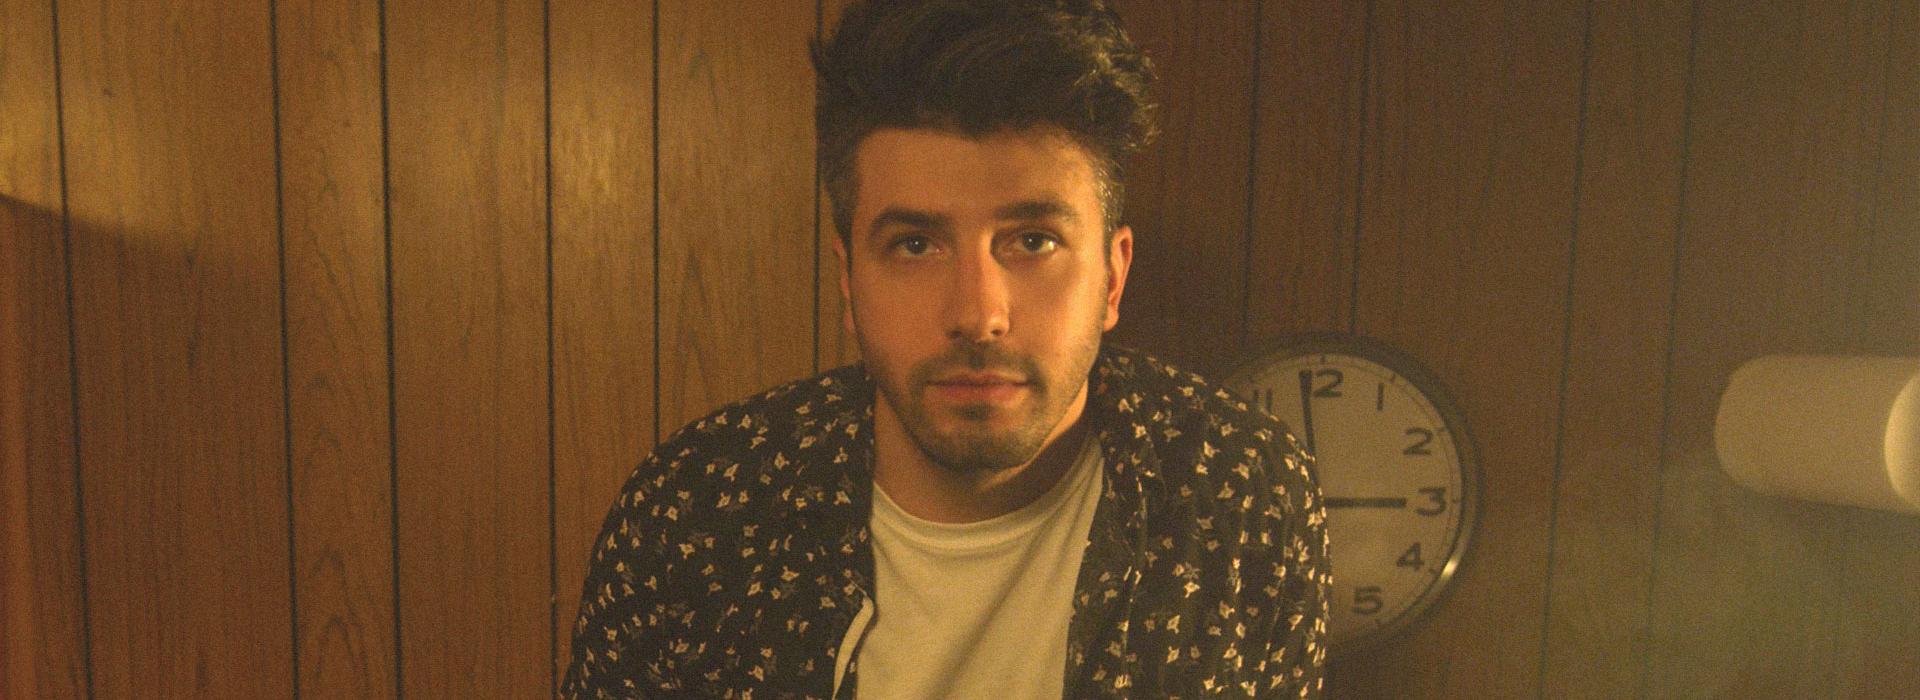 Anthony Kalabretta